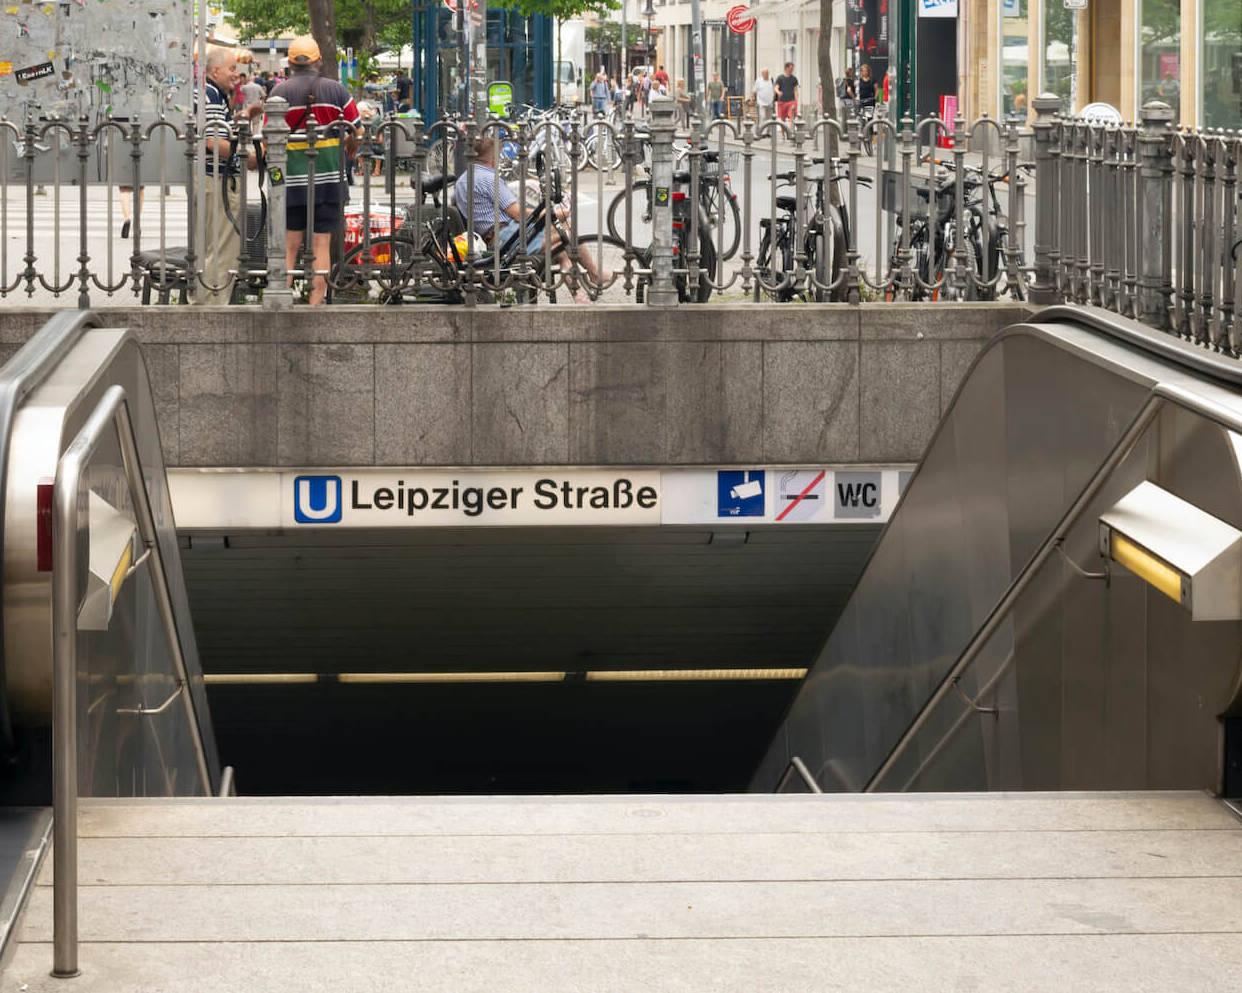 U-Bahn-Eingang Leipziger Straße in Frankfurt